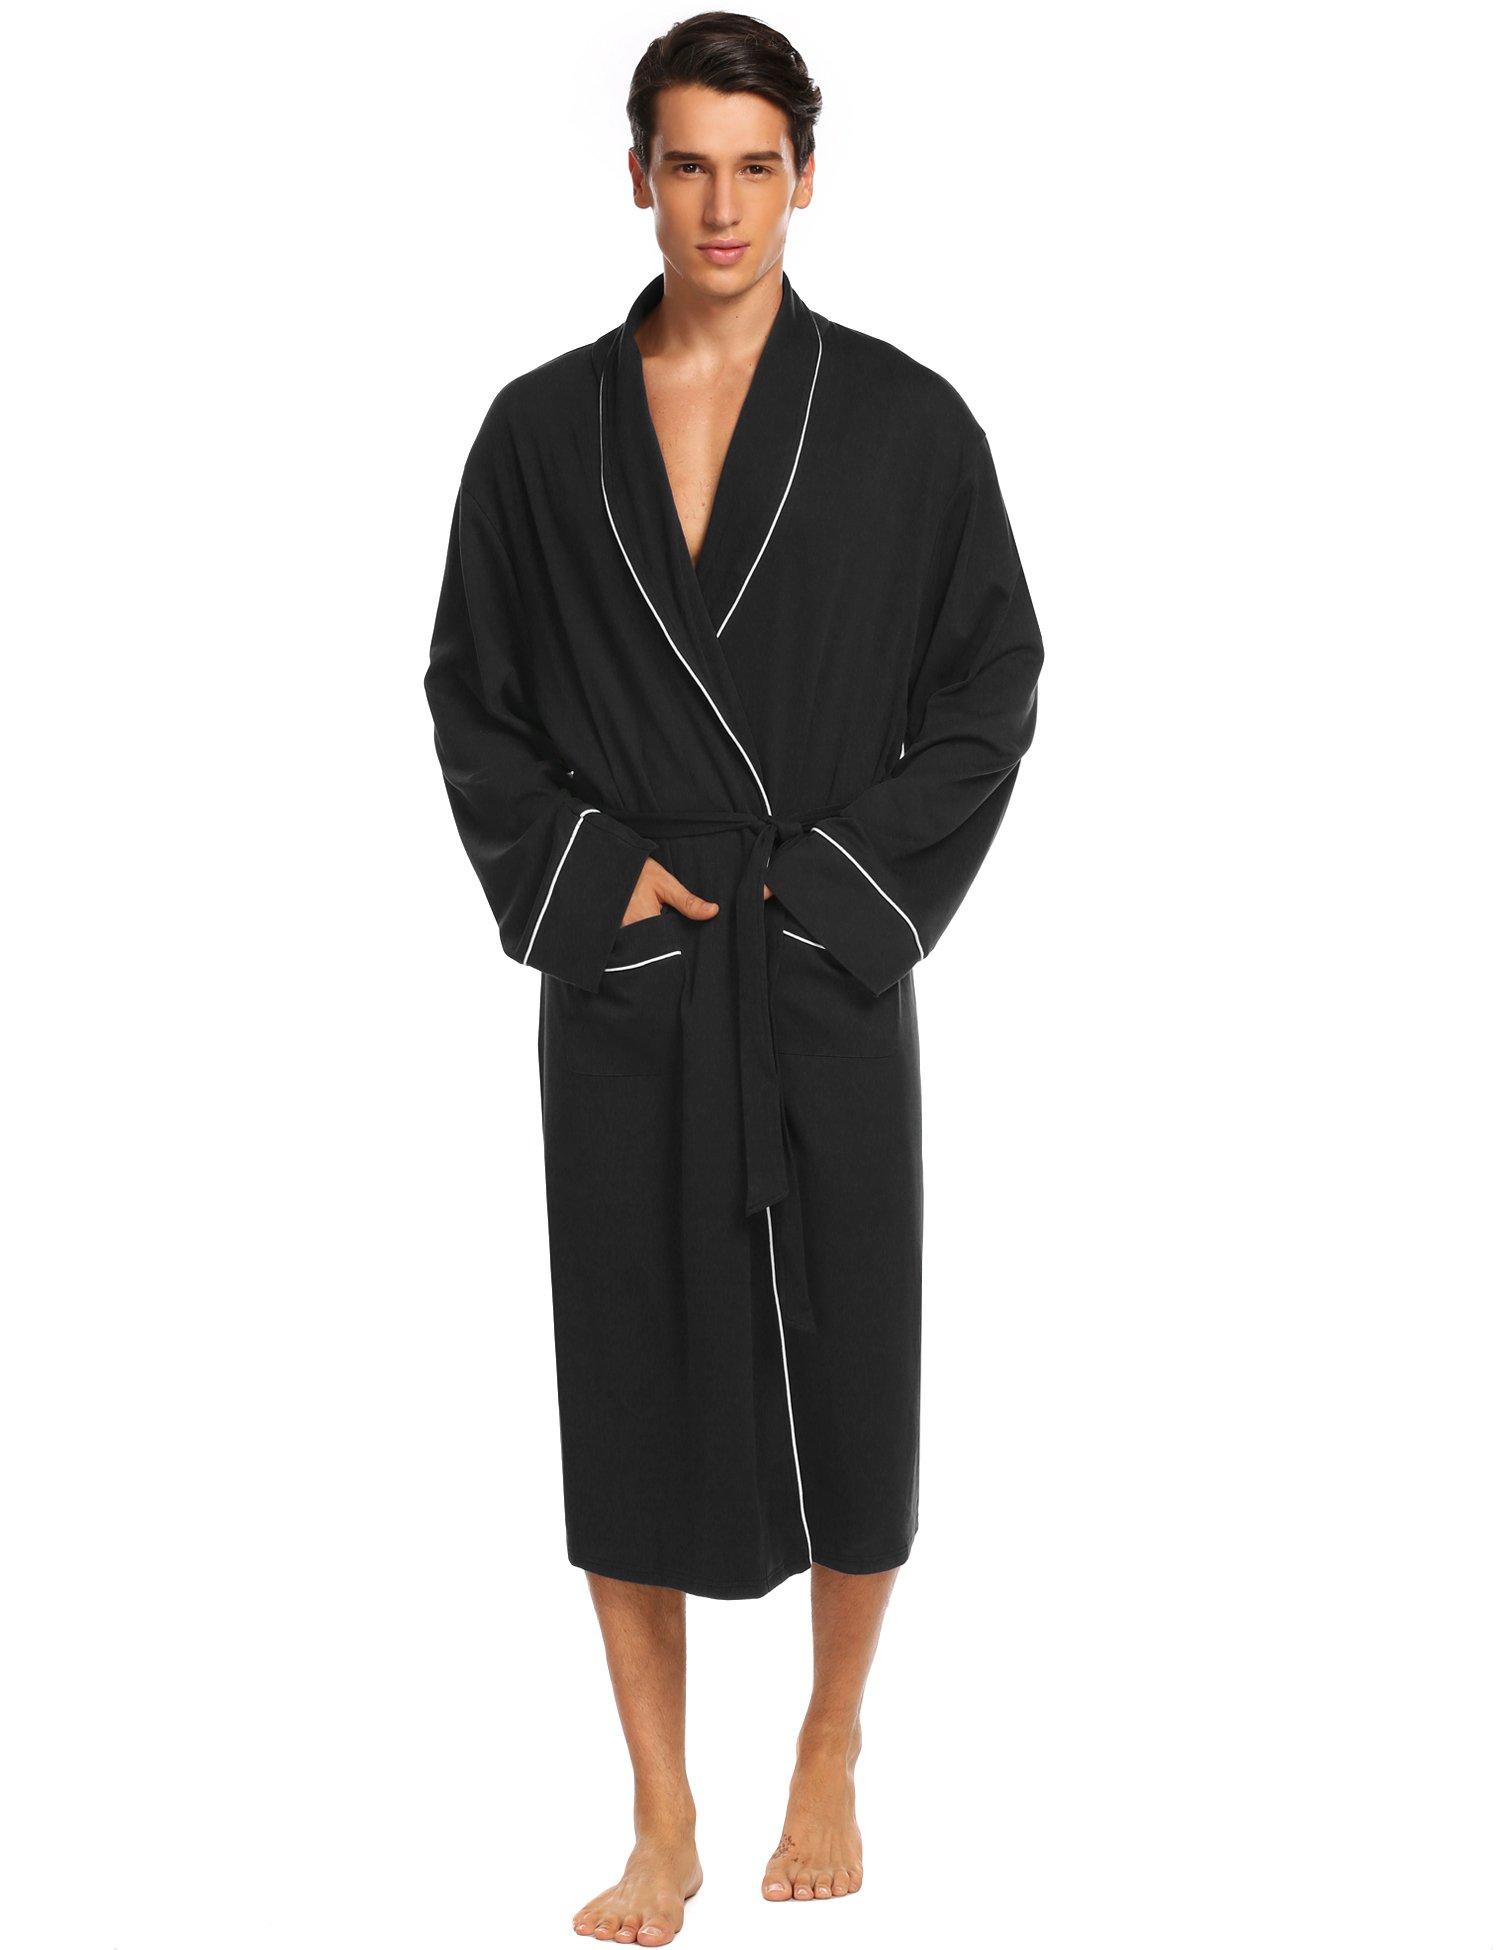 Untlet Bathrobe Mens Cotton Spa Robes Lightweight Bath Robe Lounge Sleepwear (Medium, Black)